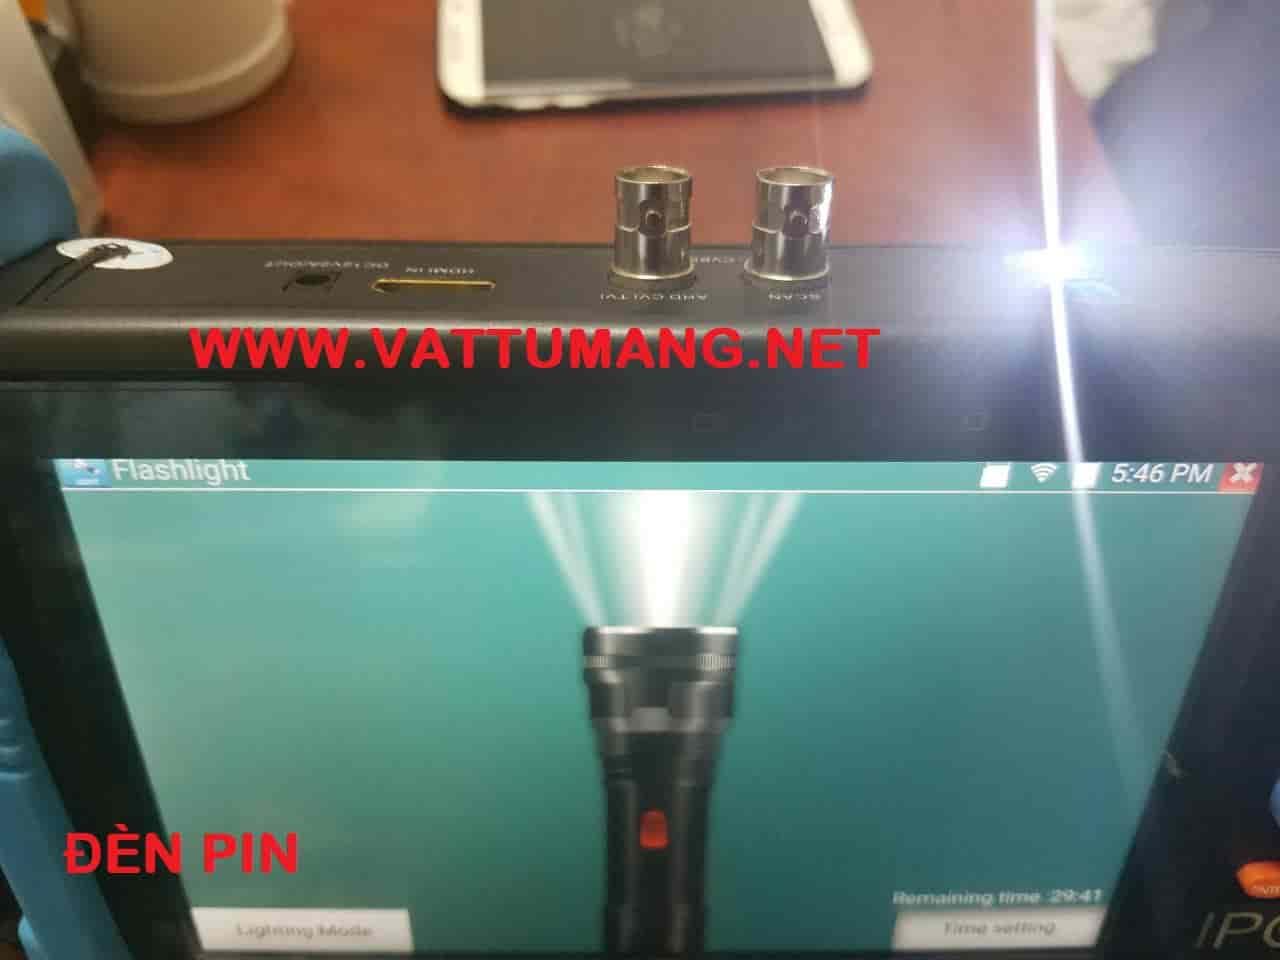 Máy test camera cảm ứng 7 inches Retina (IP 8MP, AHD 5MP, TVI 8MP, CVI 8MP, CVBS) HDMI cho NVR, DVR vào and HDMI xuất ra TIVI (Flexcom FC-900C)